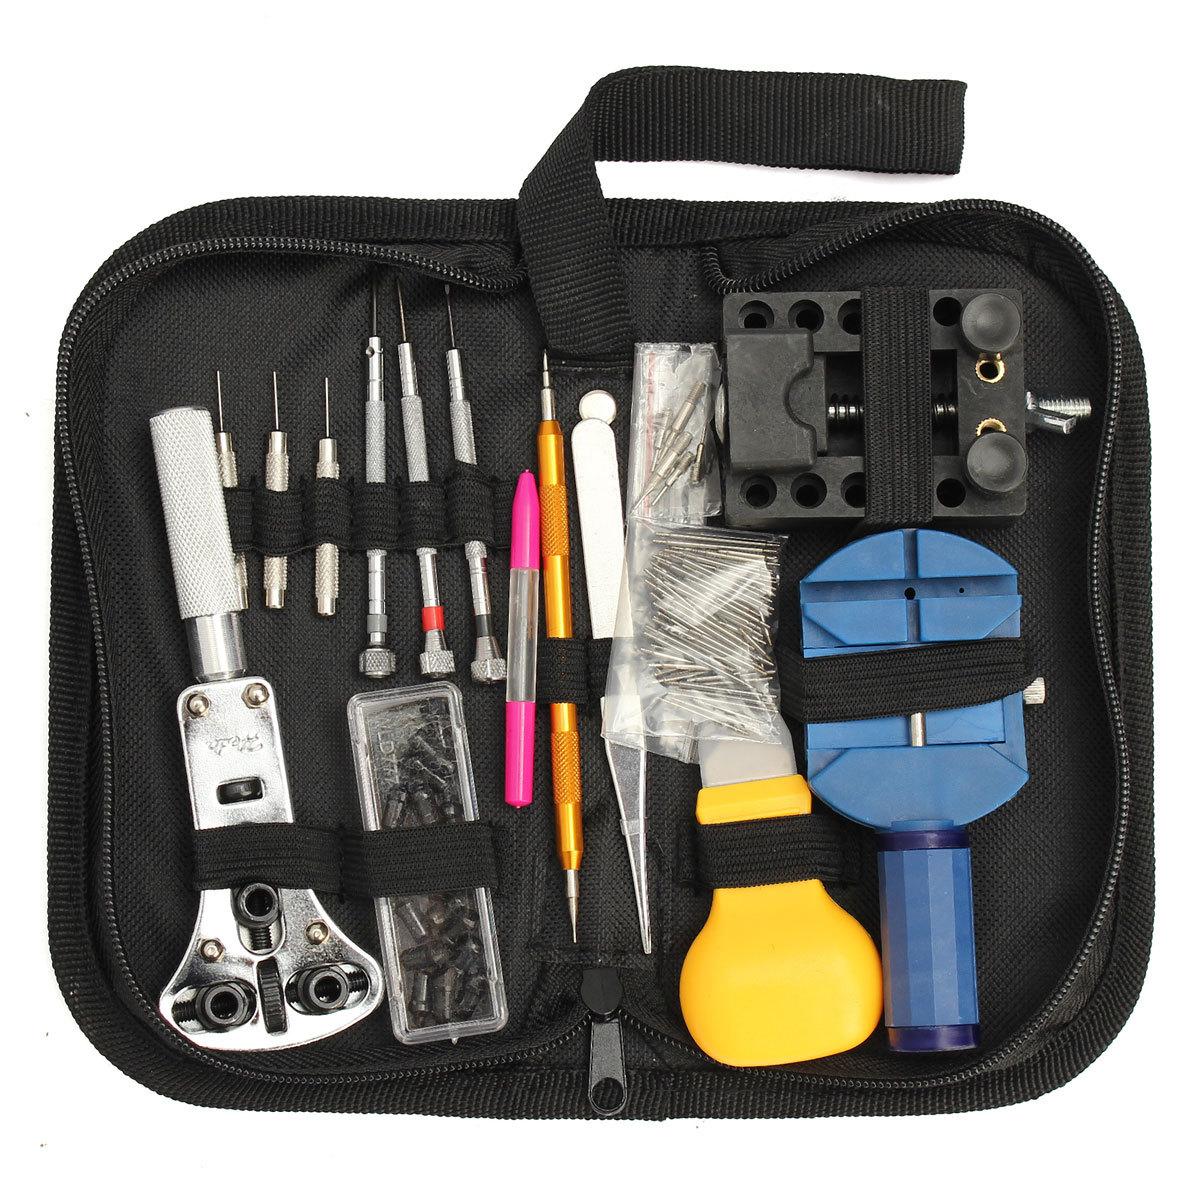 bộ công cụ sửa chữa Dụng cụ tổng hợp